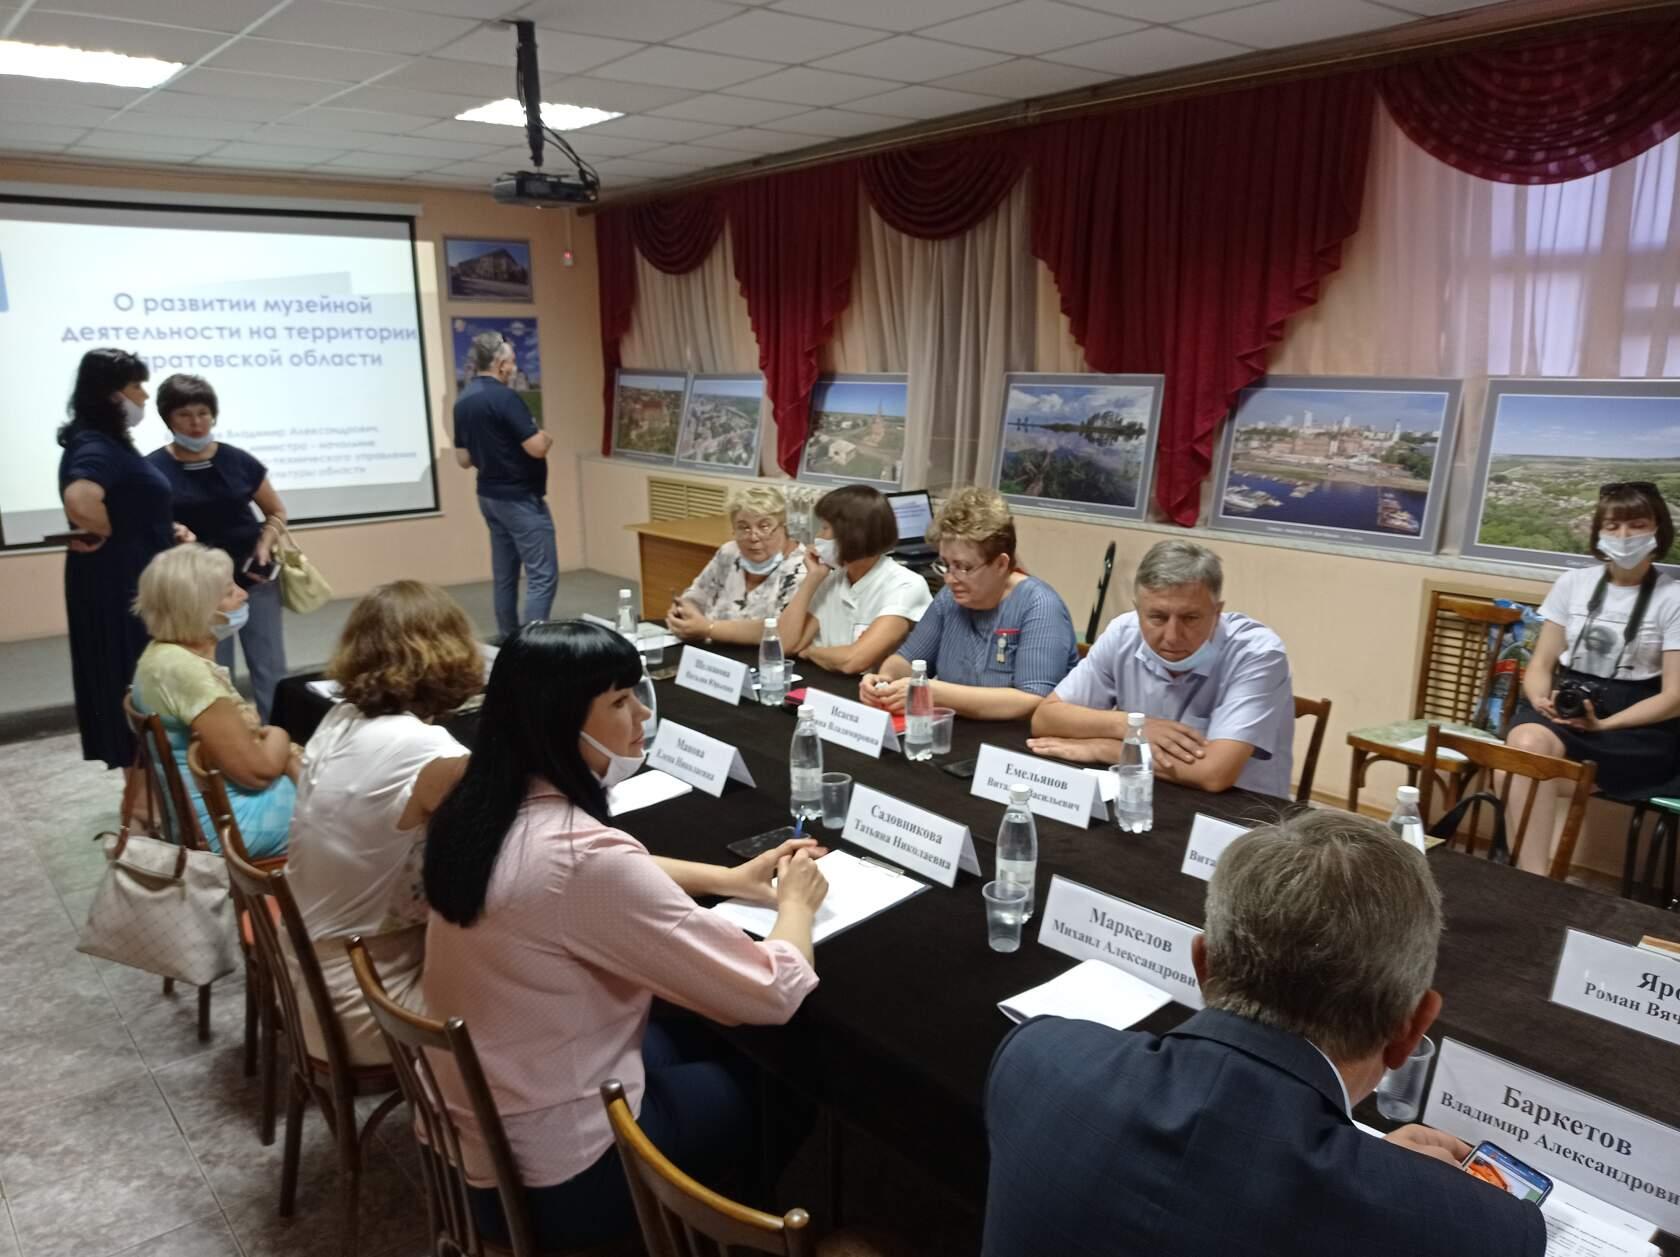 Петровчане приняли участие в заседании комитета областной Думы по культуре, общественным отношениям и информационной политике